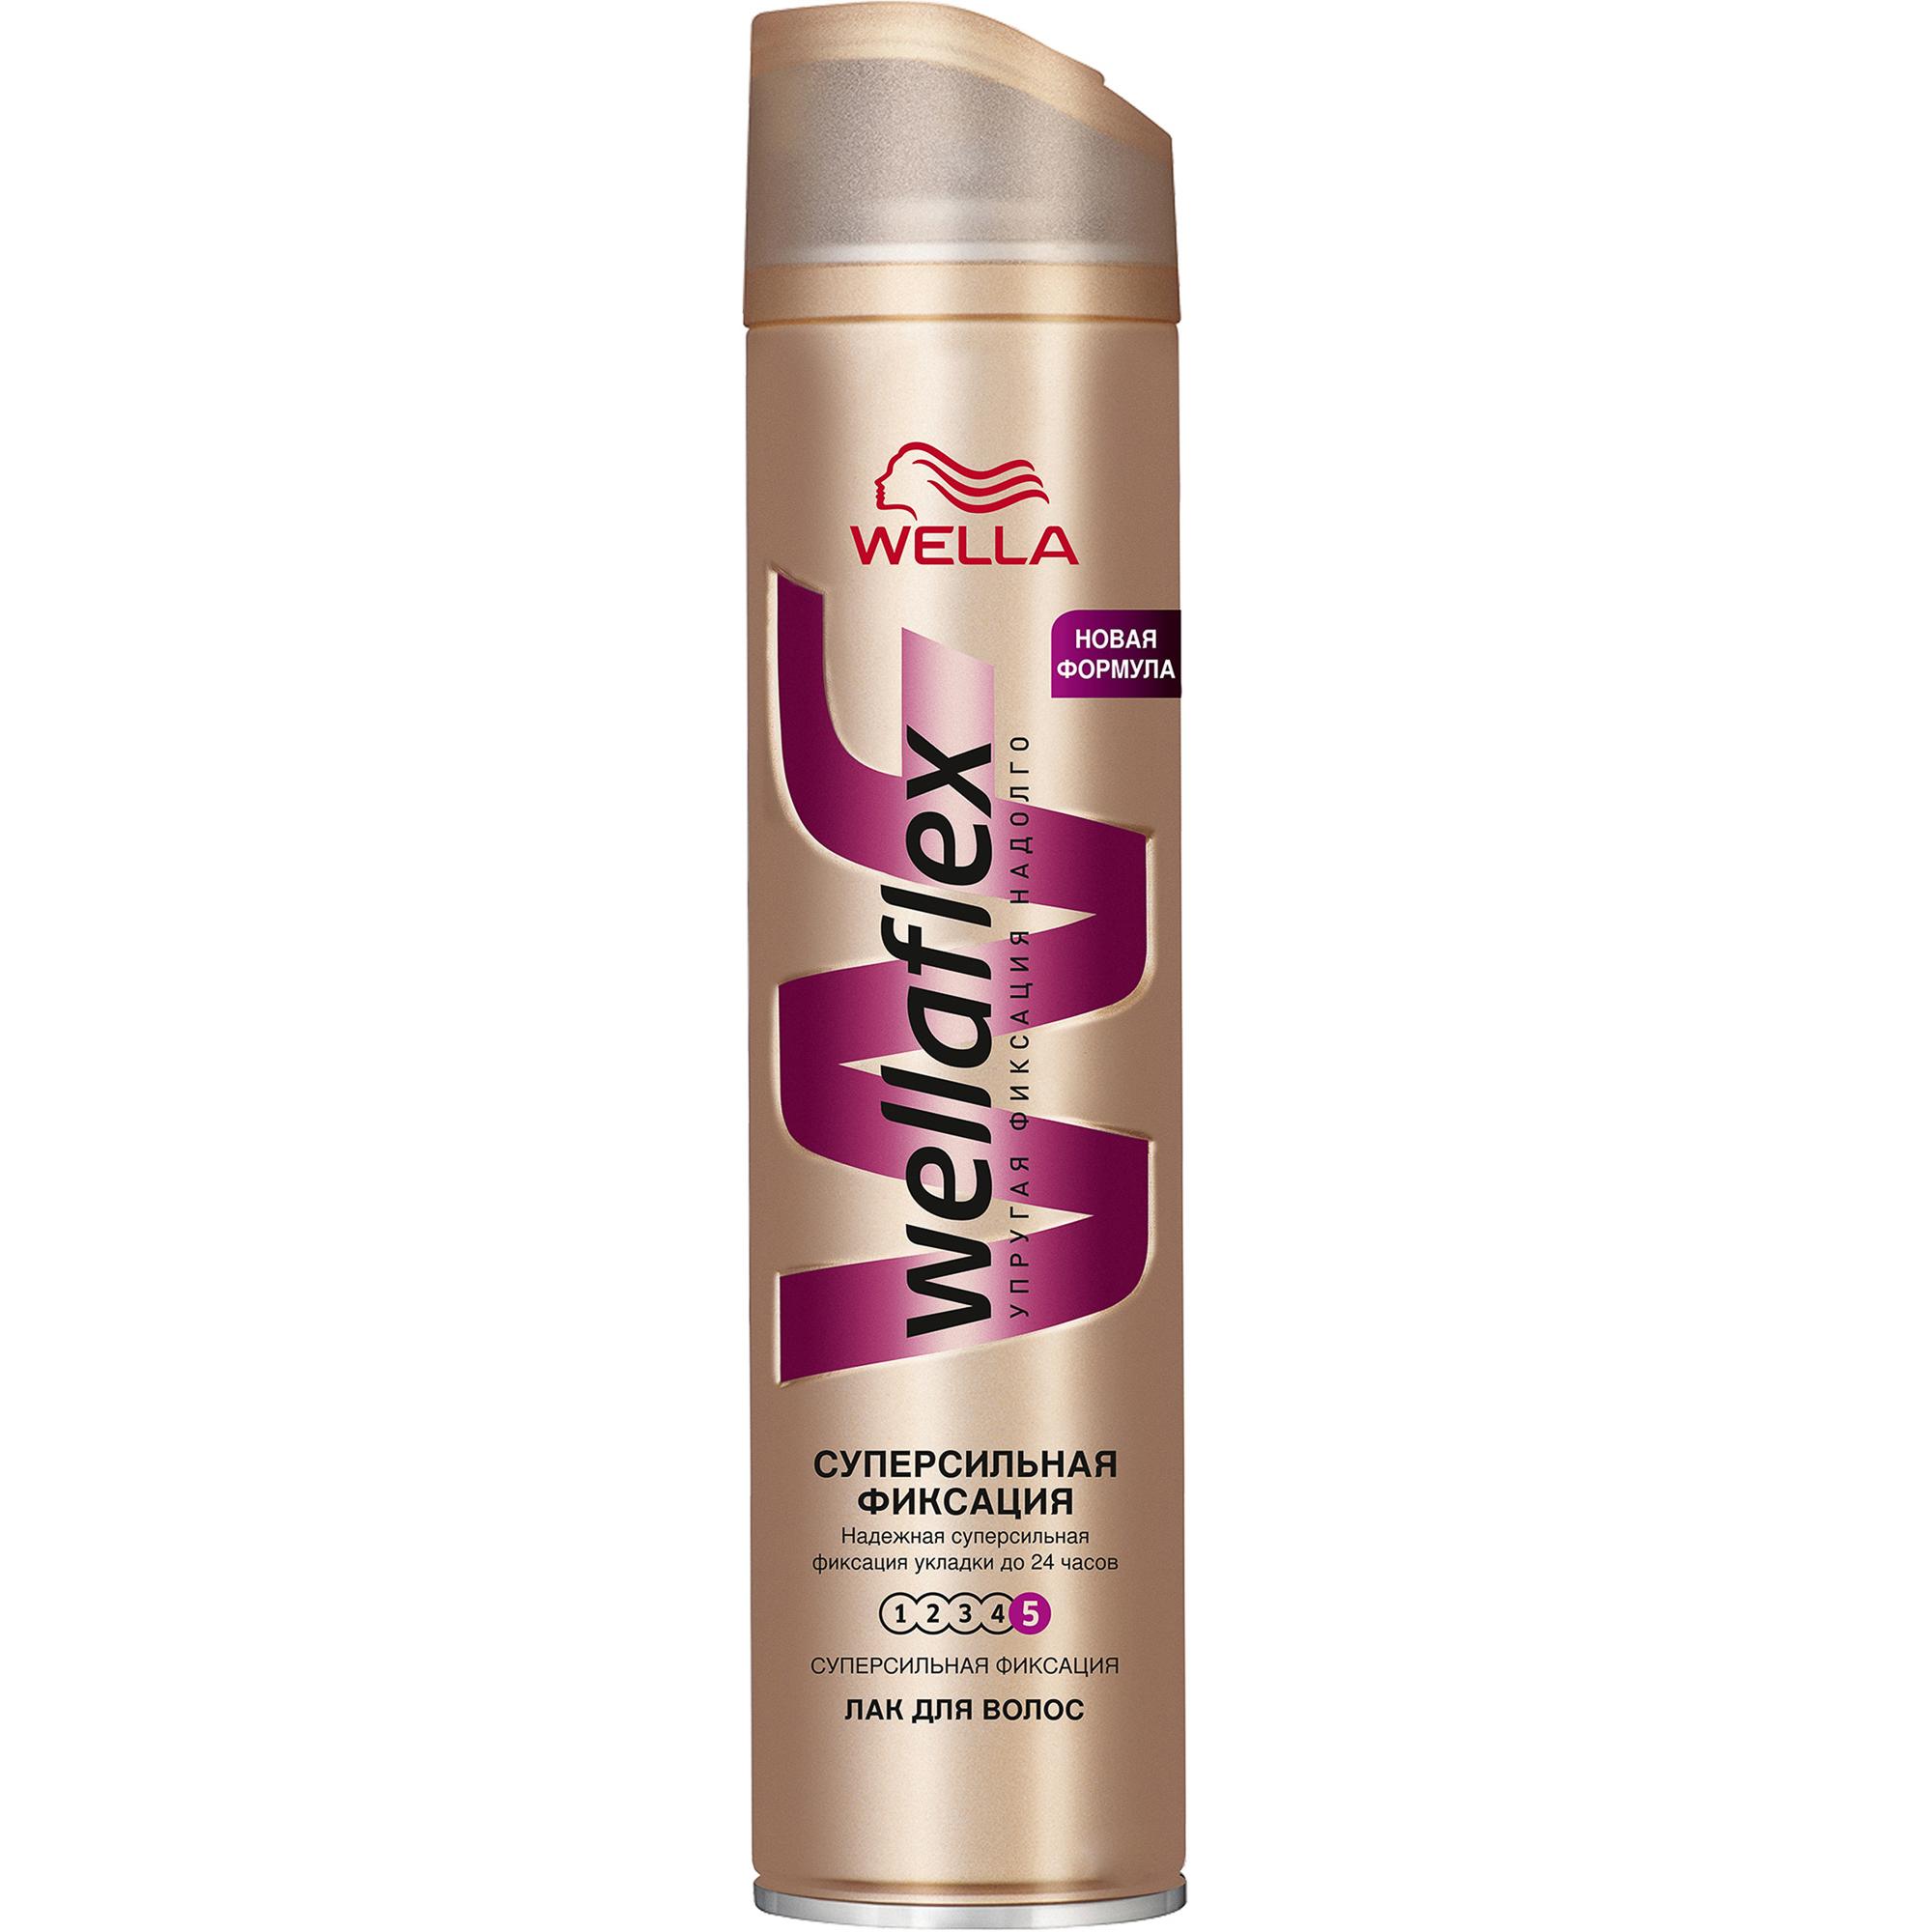 Лак для волос Wella Wellaflex Суперсильная фиксация 250 мл wella лак для волос wellaflex для чувствительной кожи головы сильная фиксация 250 мл